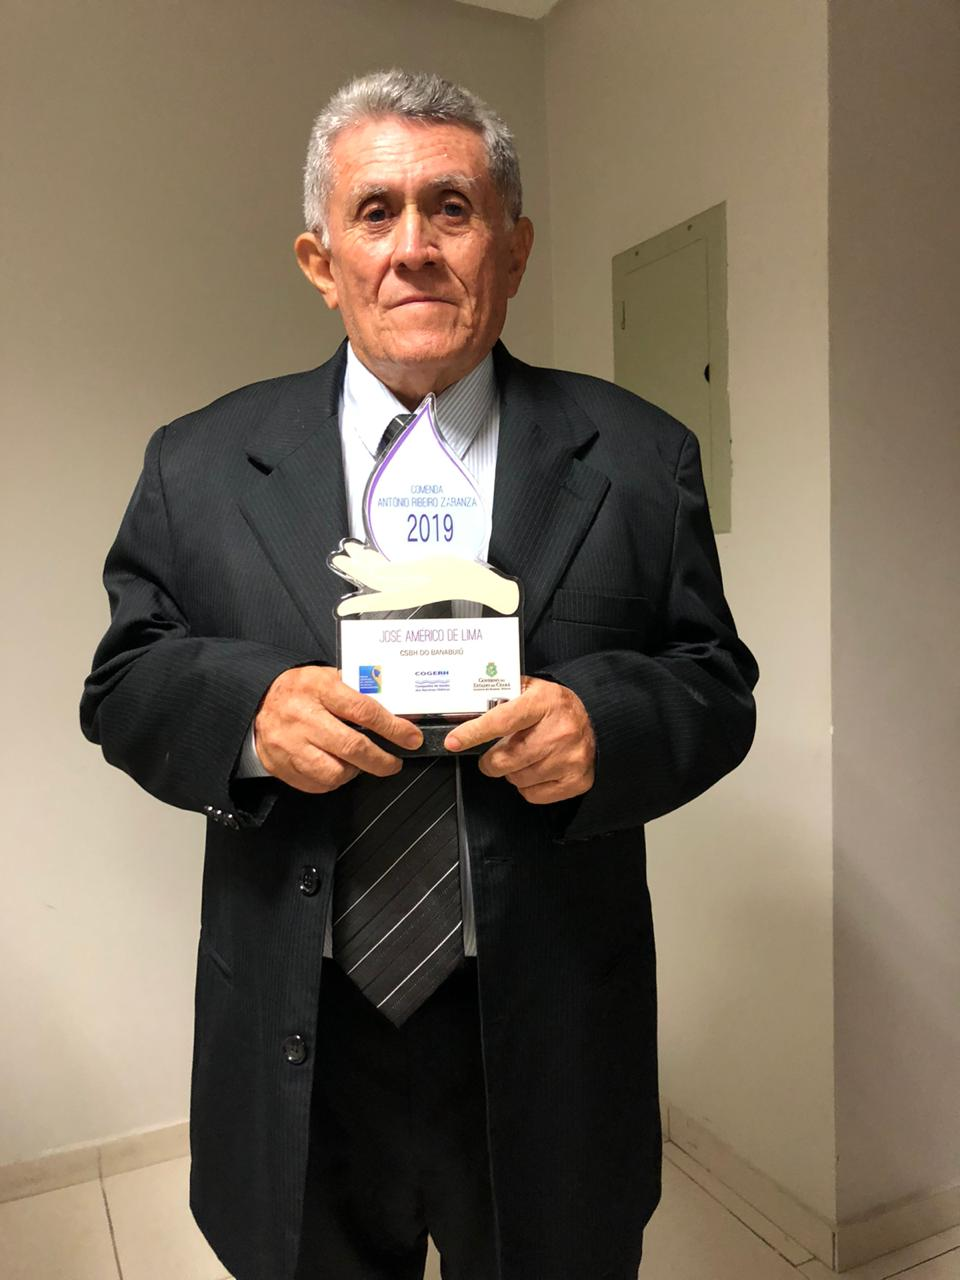 Entrega da honrosa Comenda Antônio Zaranza do Fórum Cearense dos Comitês de Bacias Hidrográficas